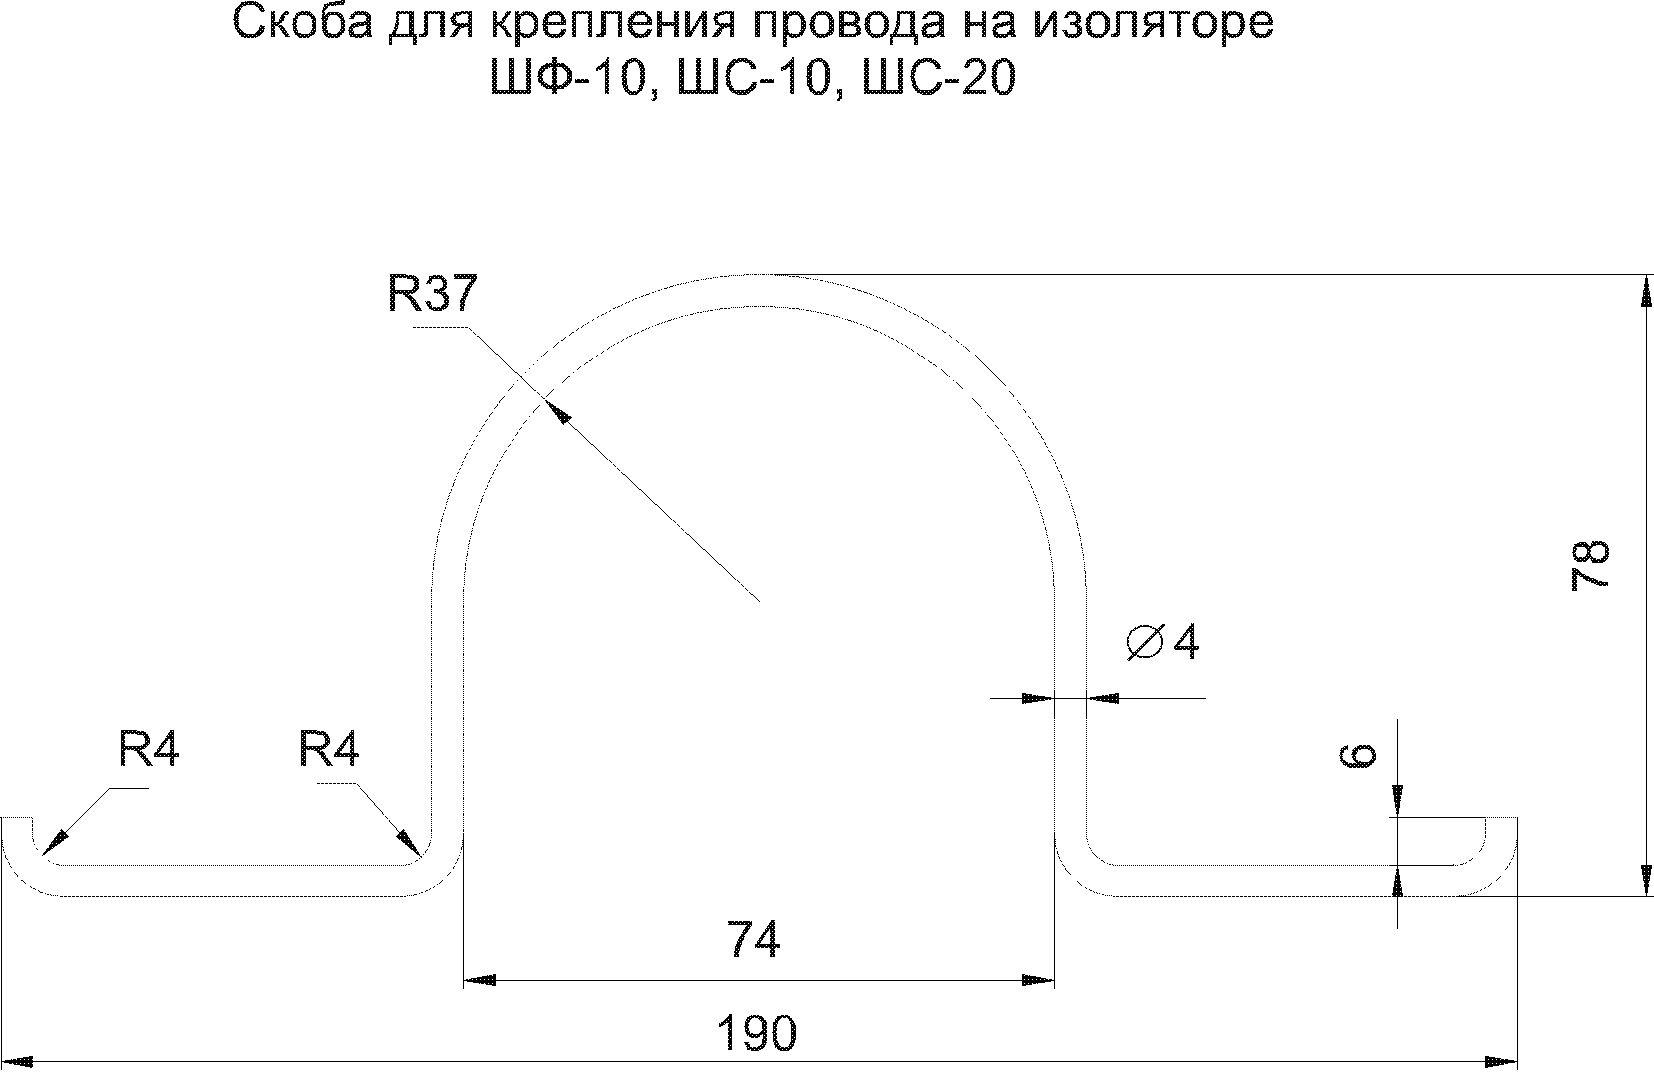 Специальная скоба крепления провода к изолятору типа ШС-10, ШС-20, ШФ-20, ШПУ-10, ШПУ-20 воздушных линий электропередачи